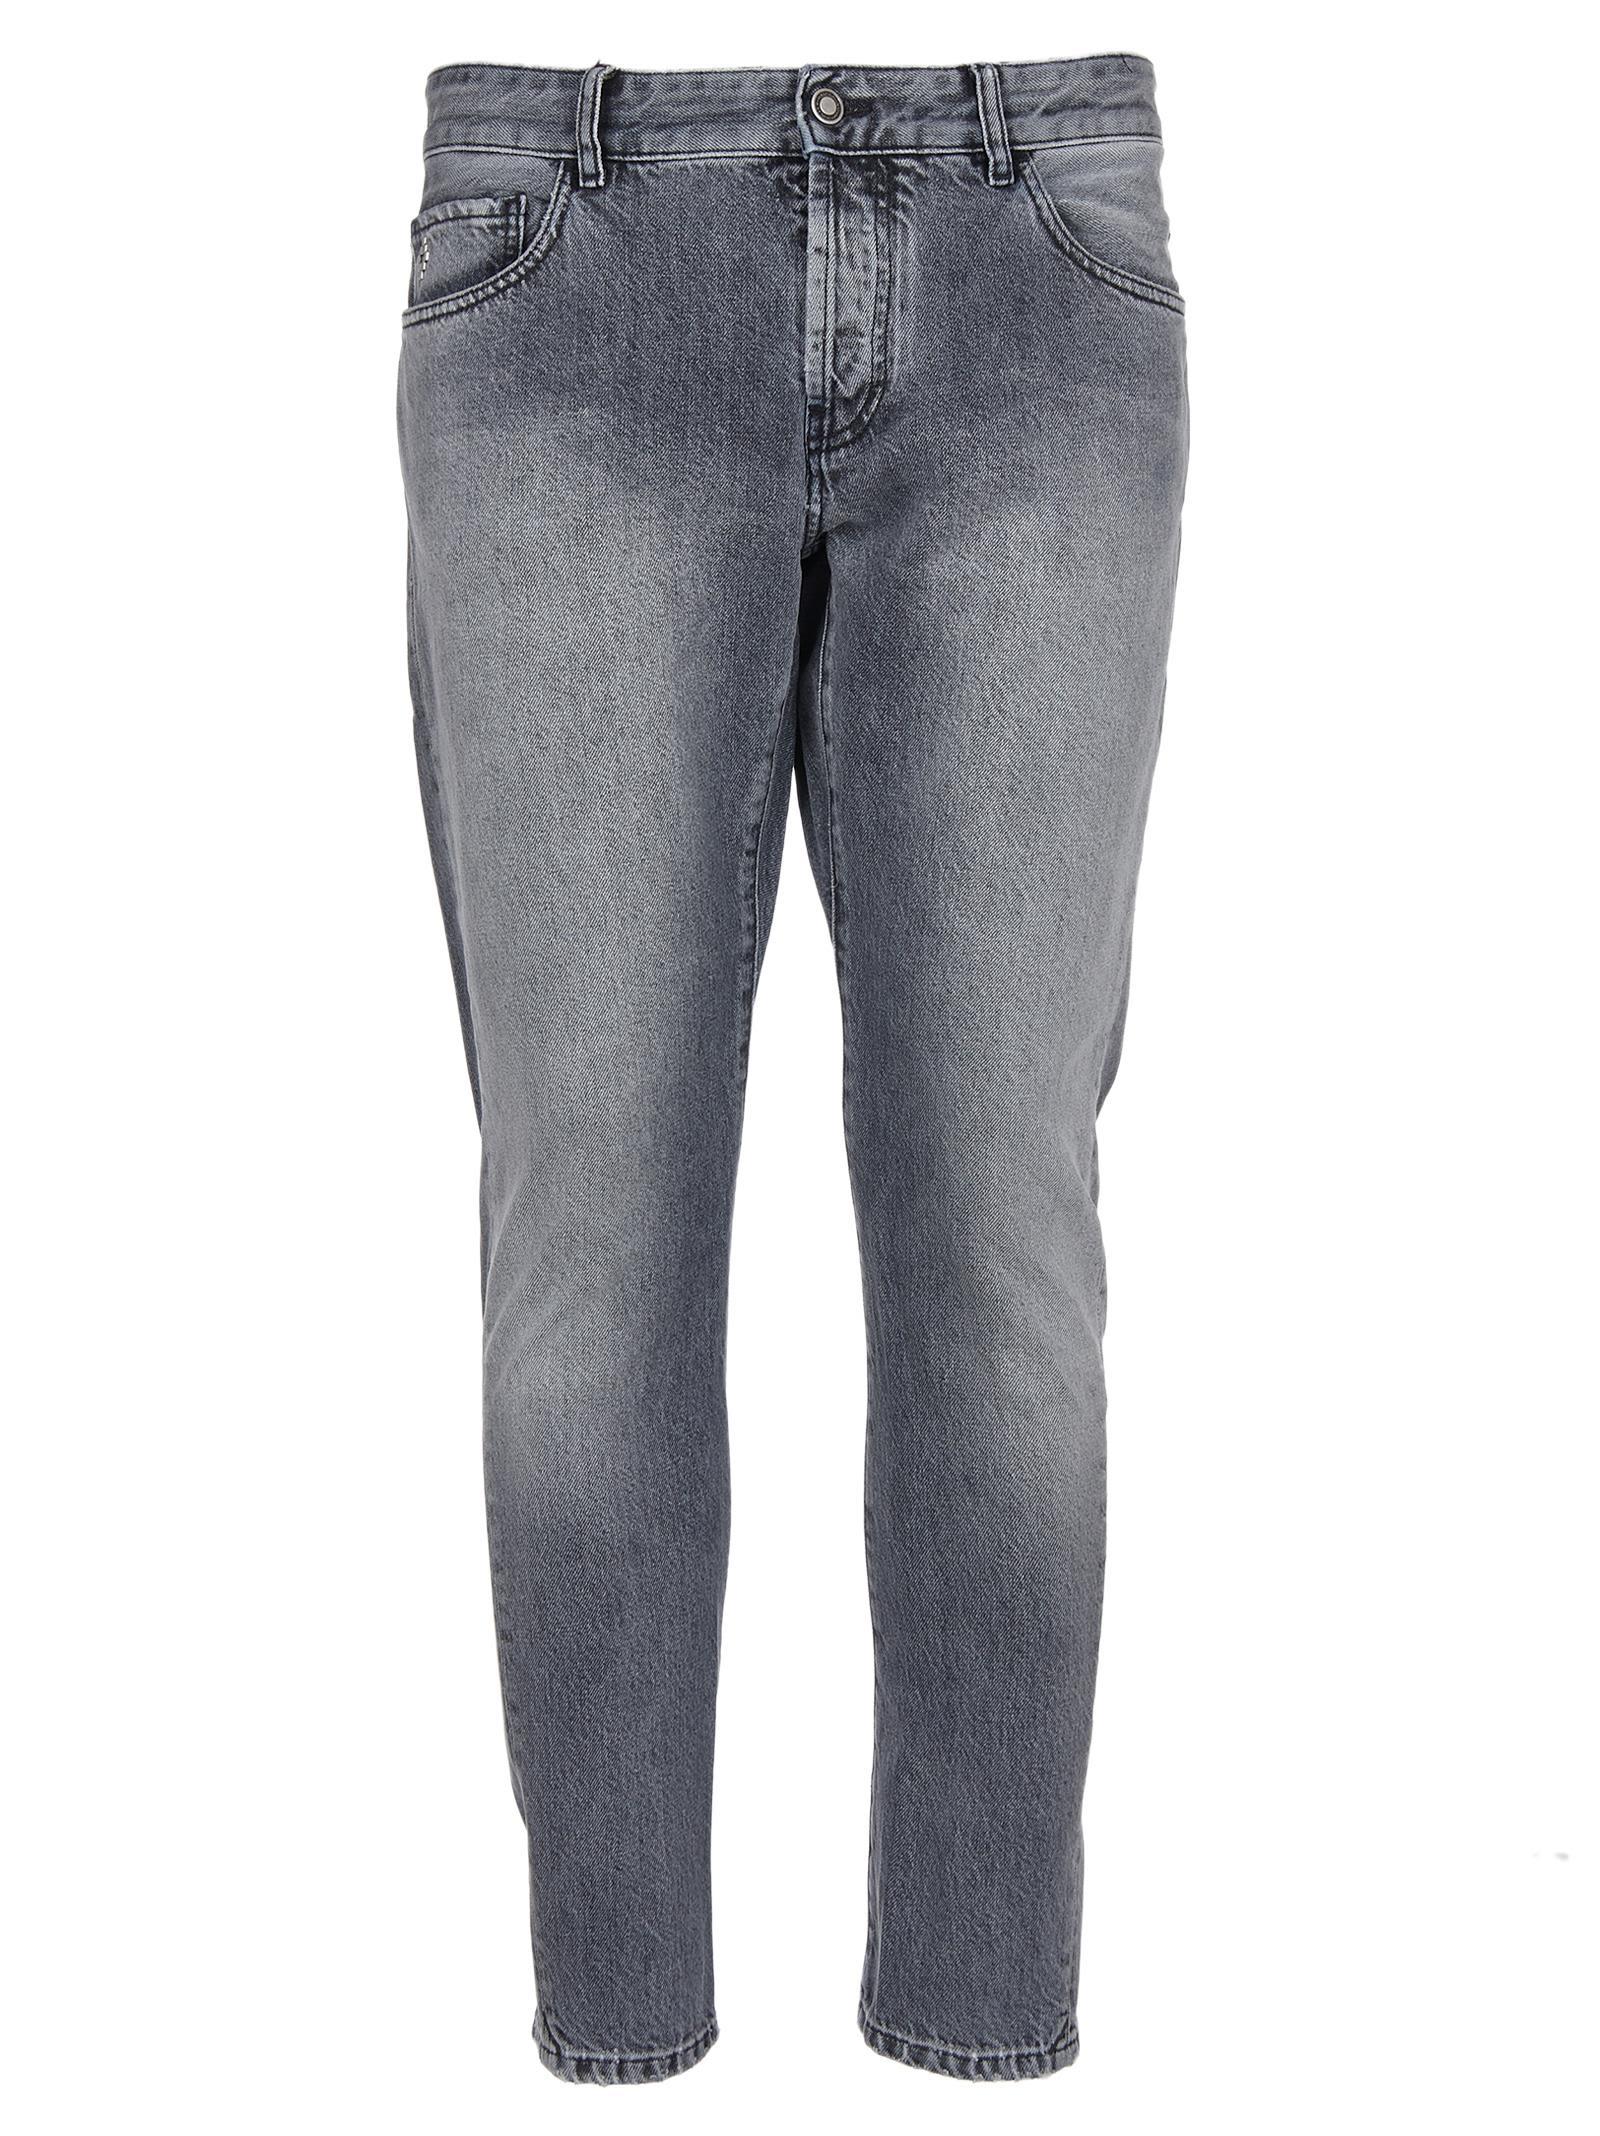 Marcelo Burlon Cropped Faded Jeans